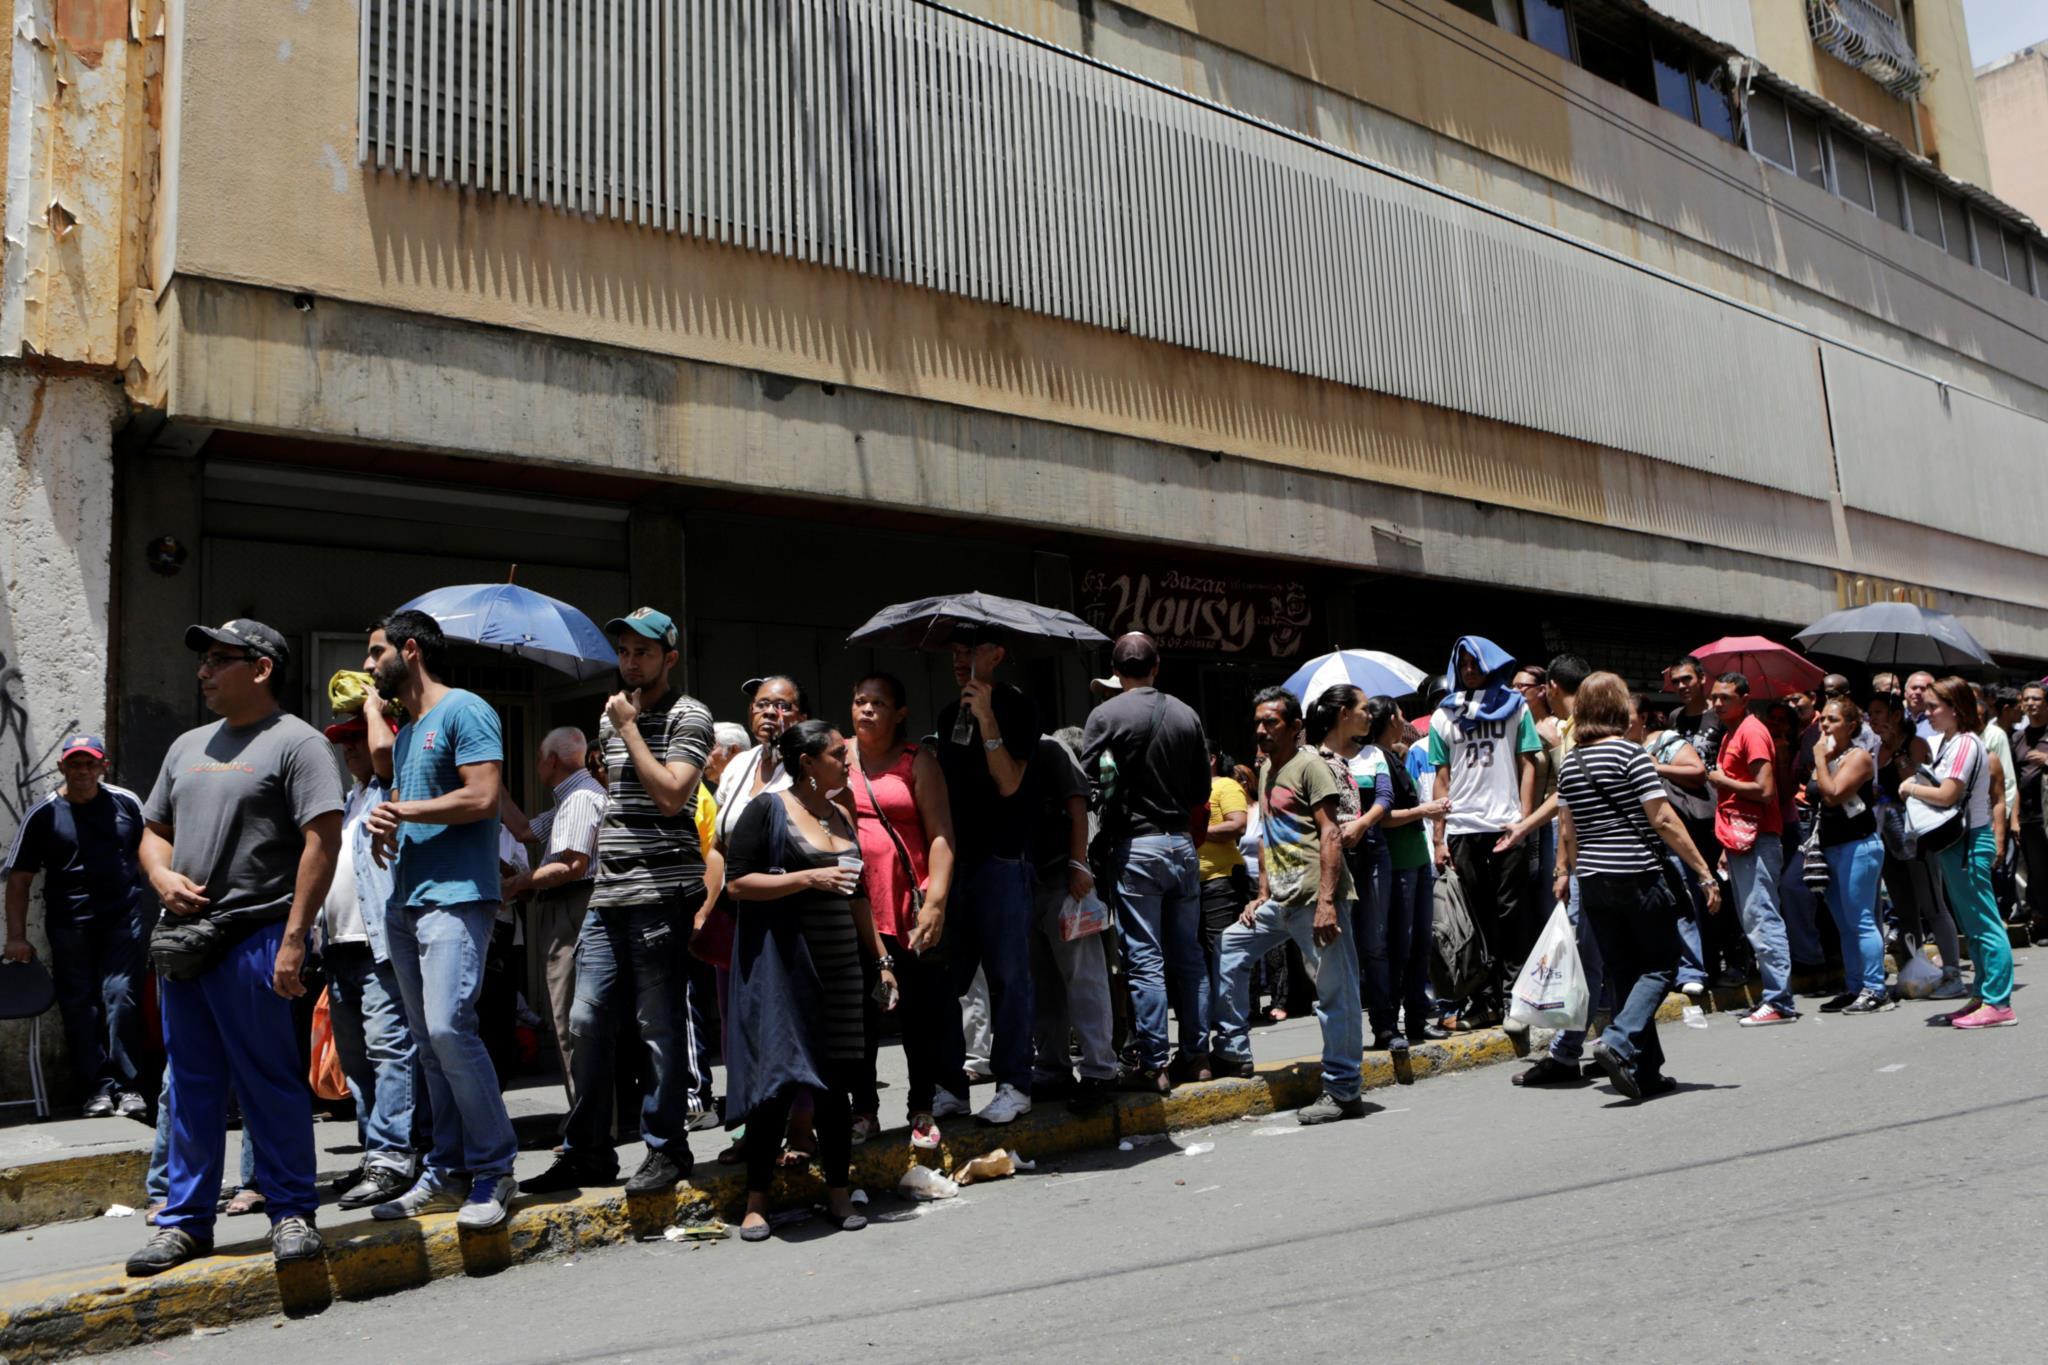 Fome está a fazer os venezuelanos perder peso de forma preocupante